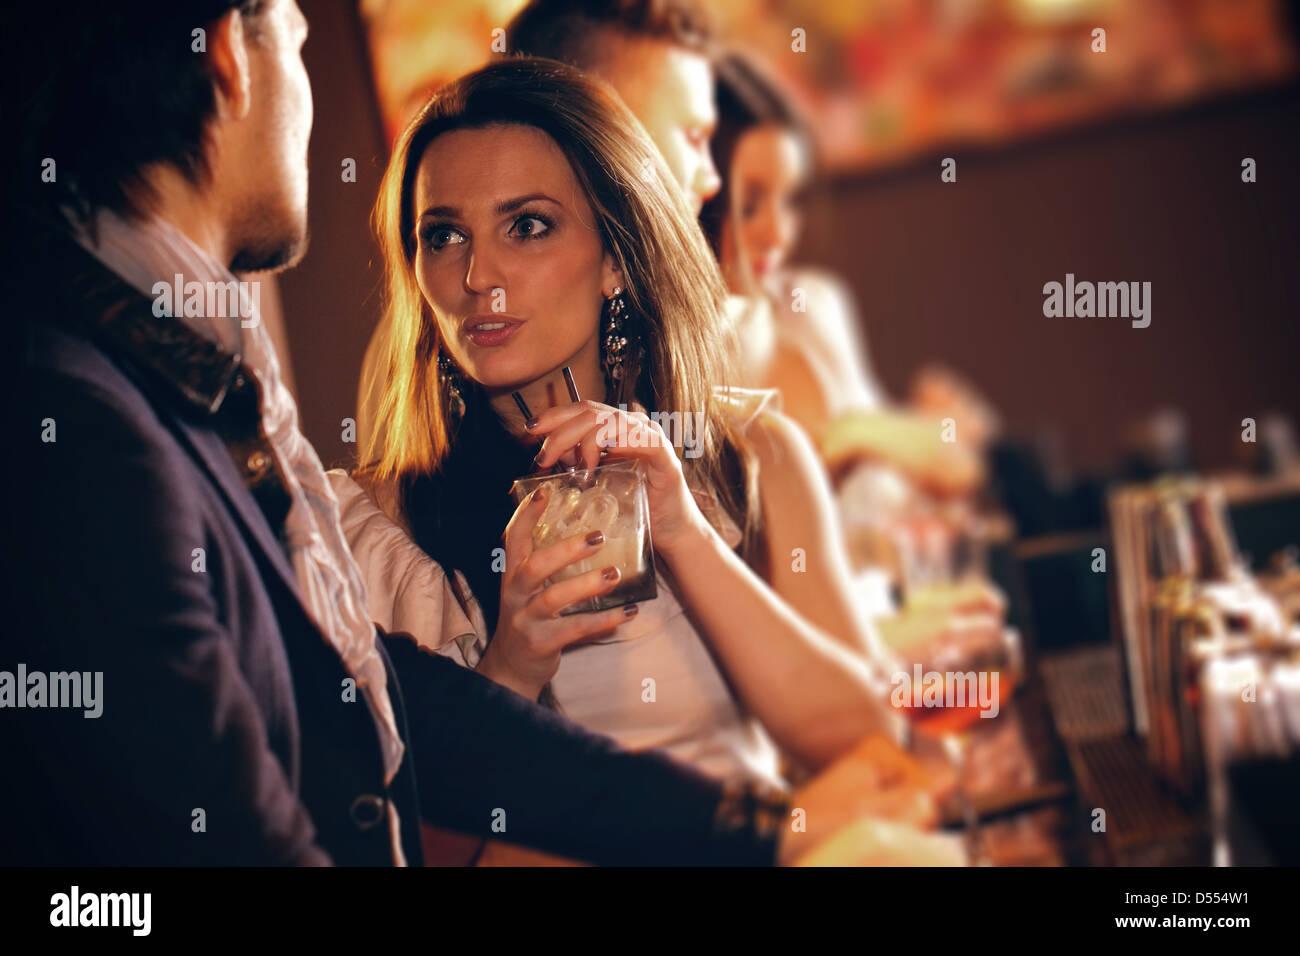 Mujer joven con una copa de vino a hablar con un hombre en el bar Imagen De Stock